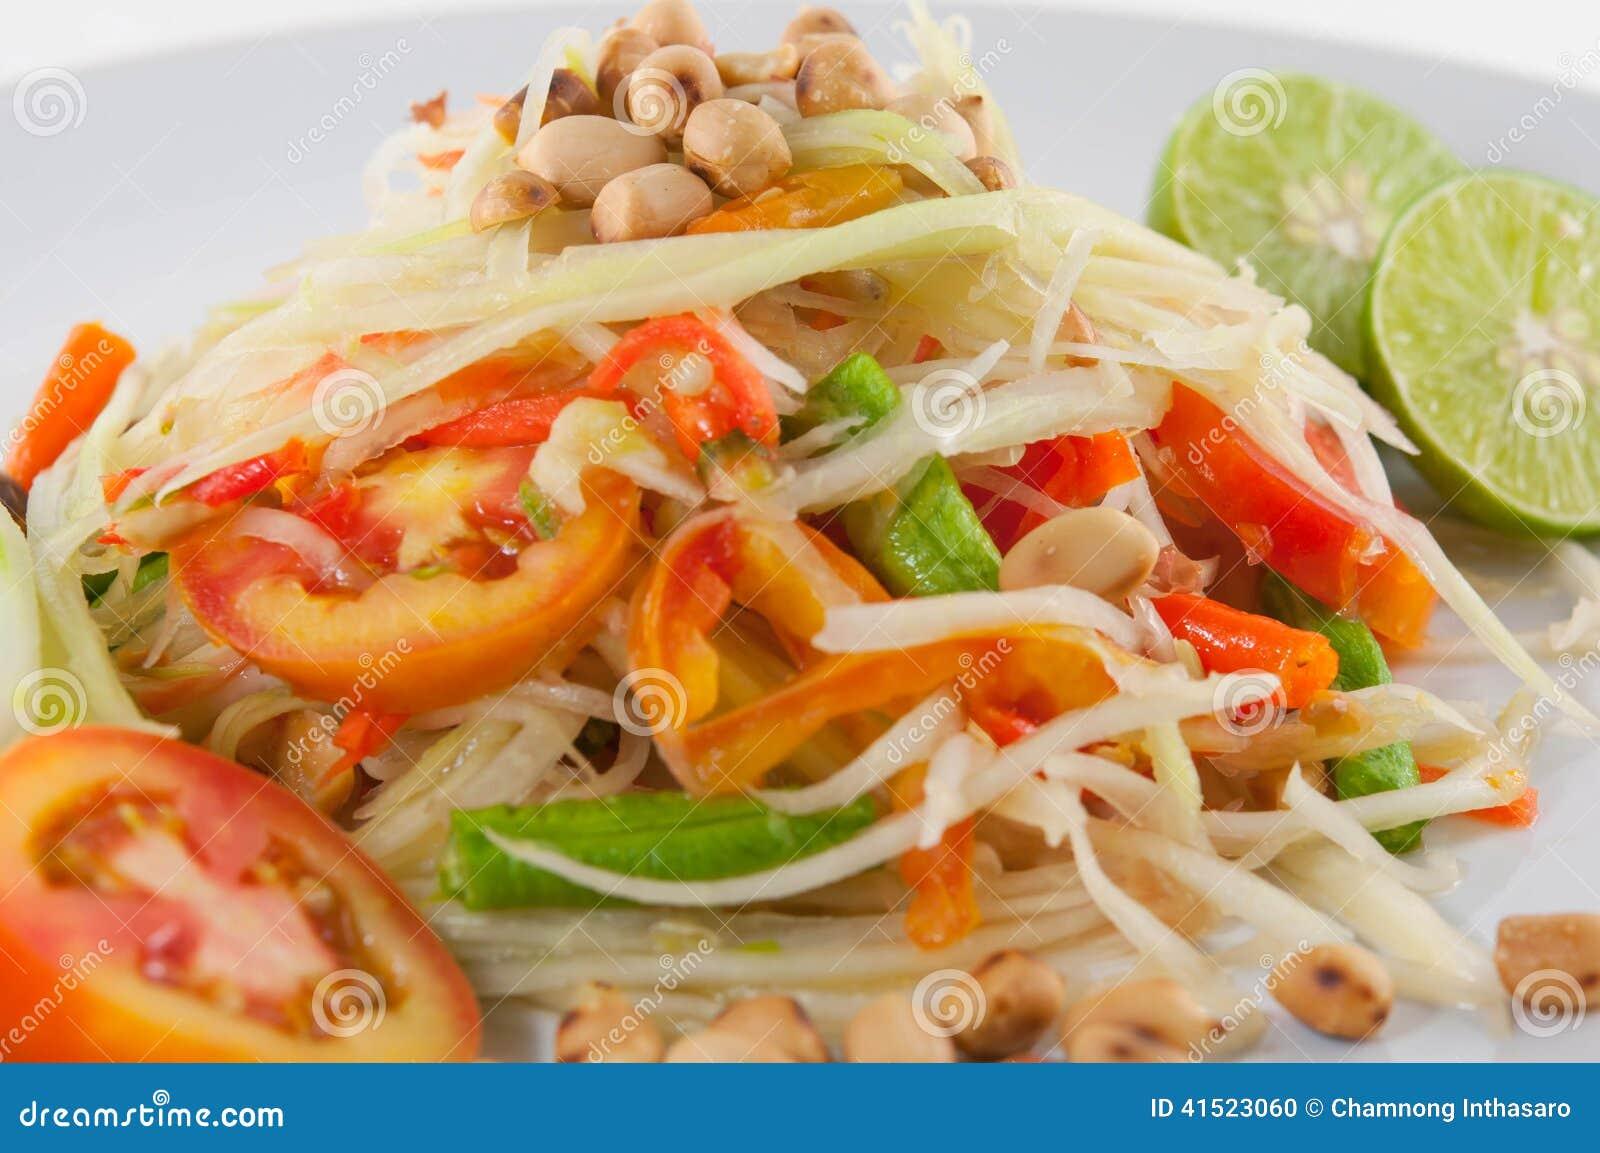 Som Tum Thai Isan Food, Closeup Thai papaya salad serve with vegetables